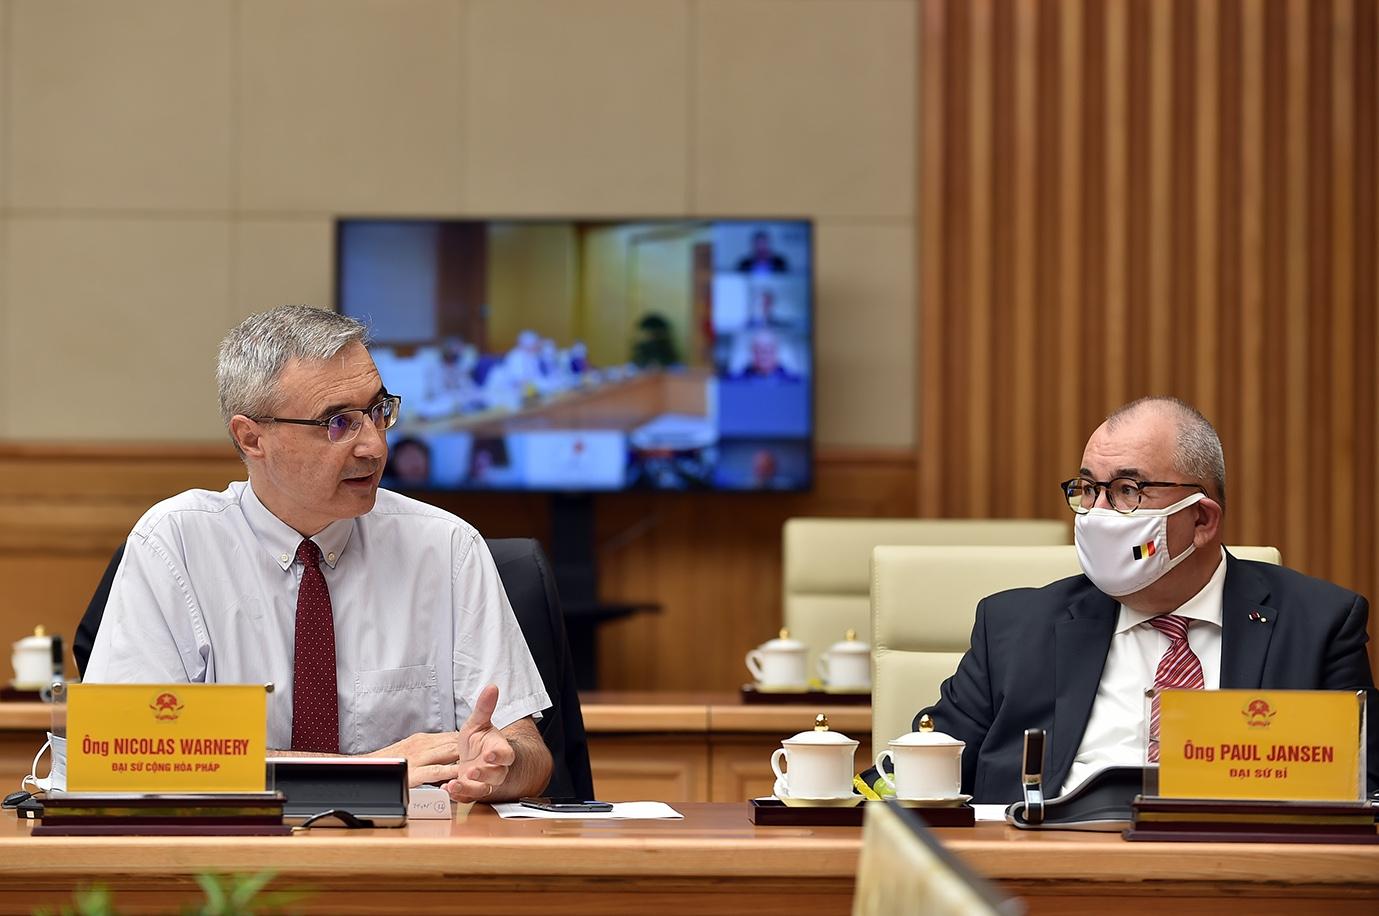 Ngài Nicolas Warnery, Đại sứ đặc mệnh toàn quyền Cộng hòa Pháp tại Việt Nam phát biểu tại cuộc làm việc. Ảnh: VGP/Nhật Bắc